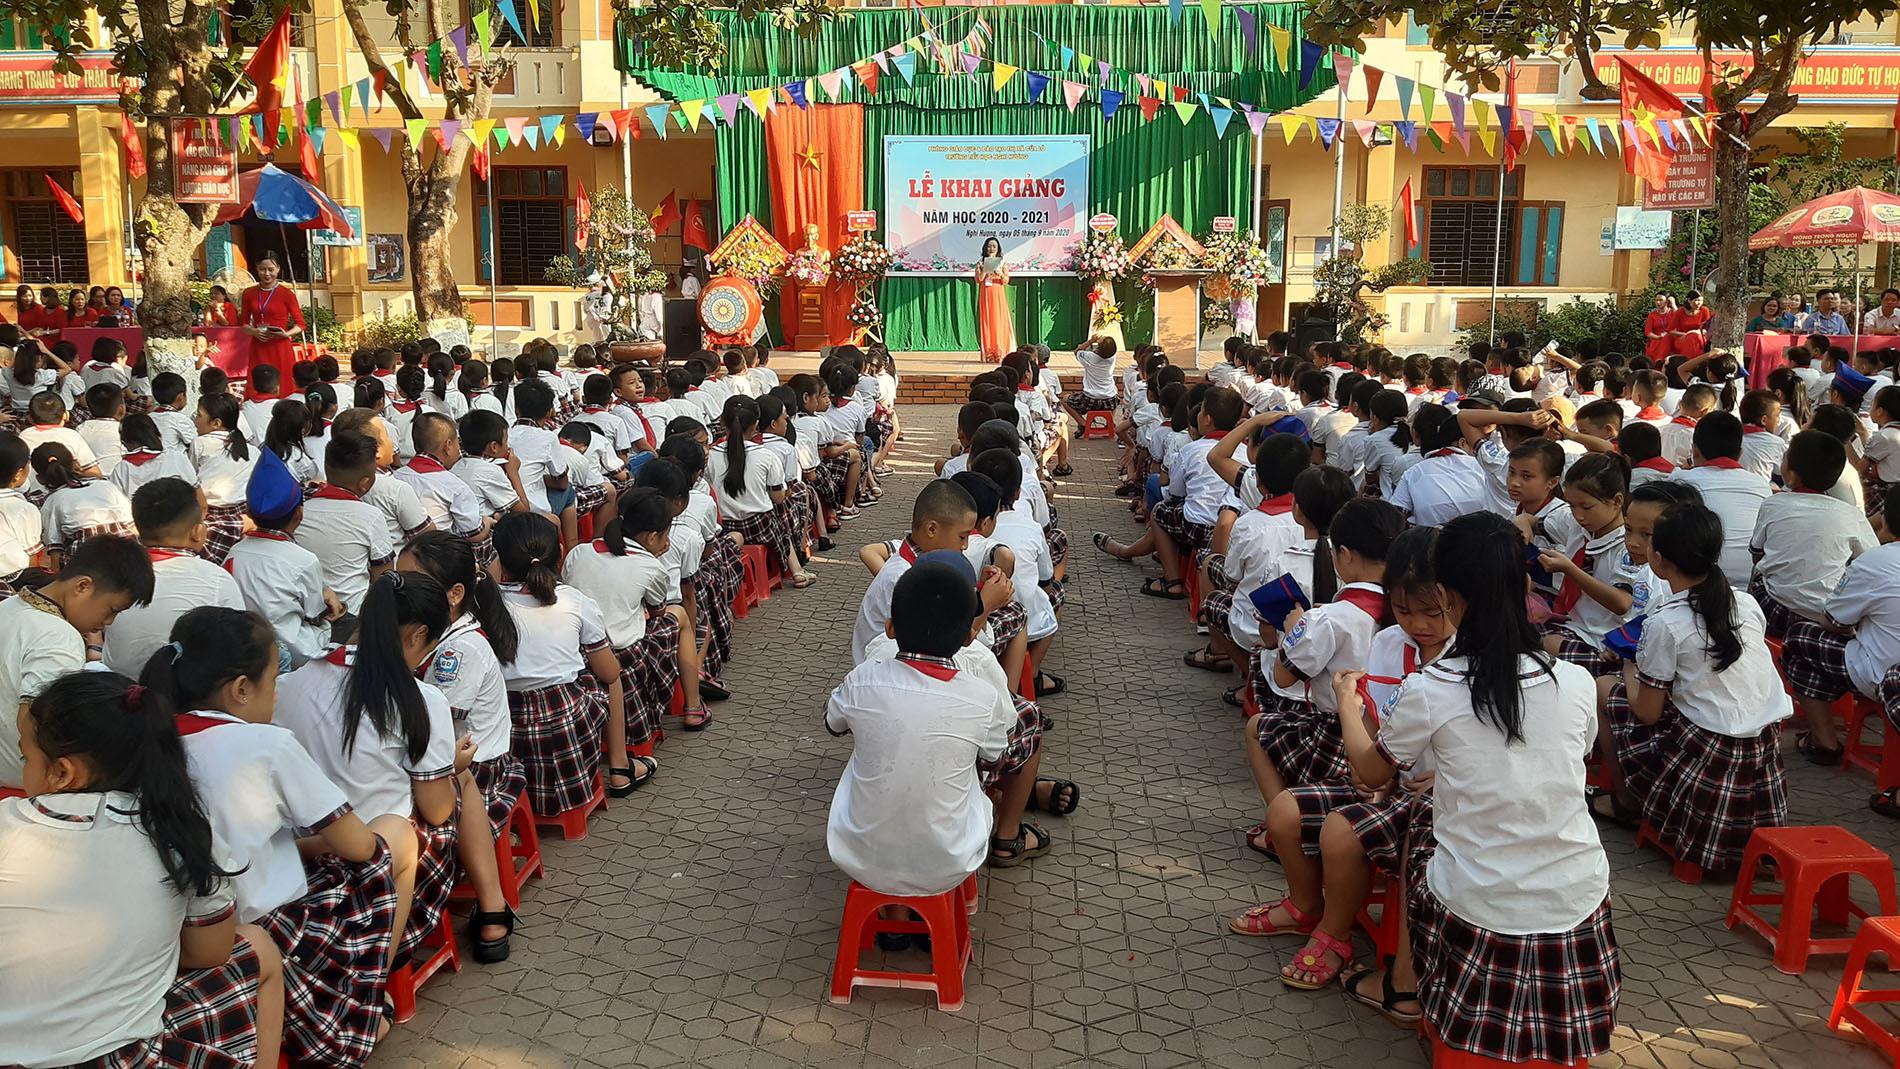 Trường tiểu học Nghi Hương: 969 em học sinh từng bừng tham gia lễ khai giảng năm học mới